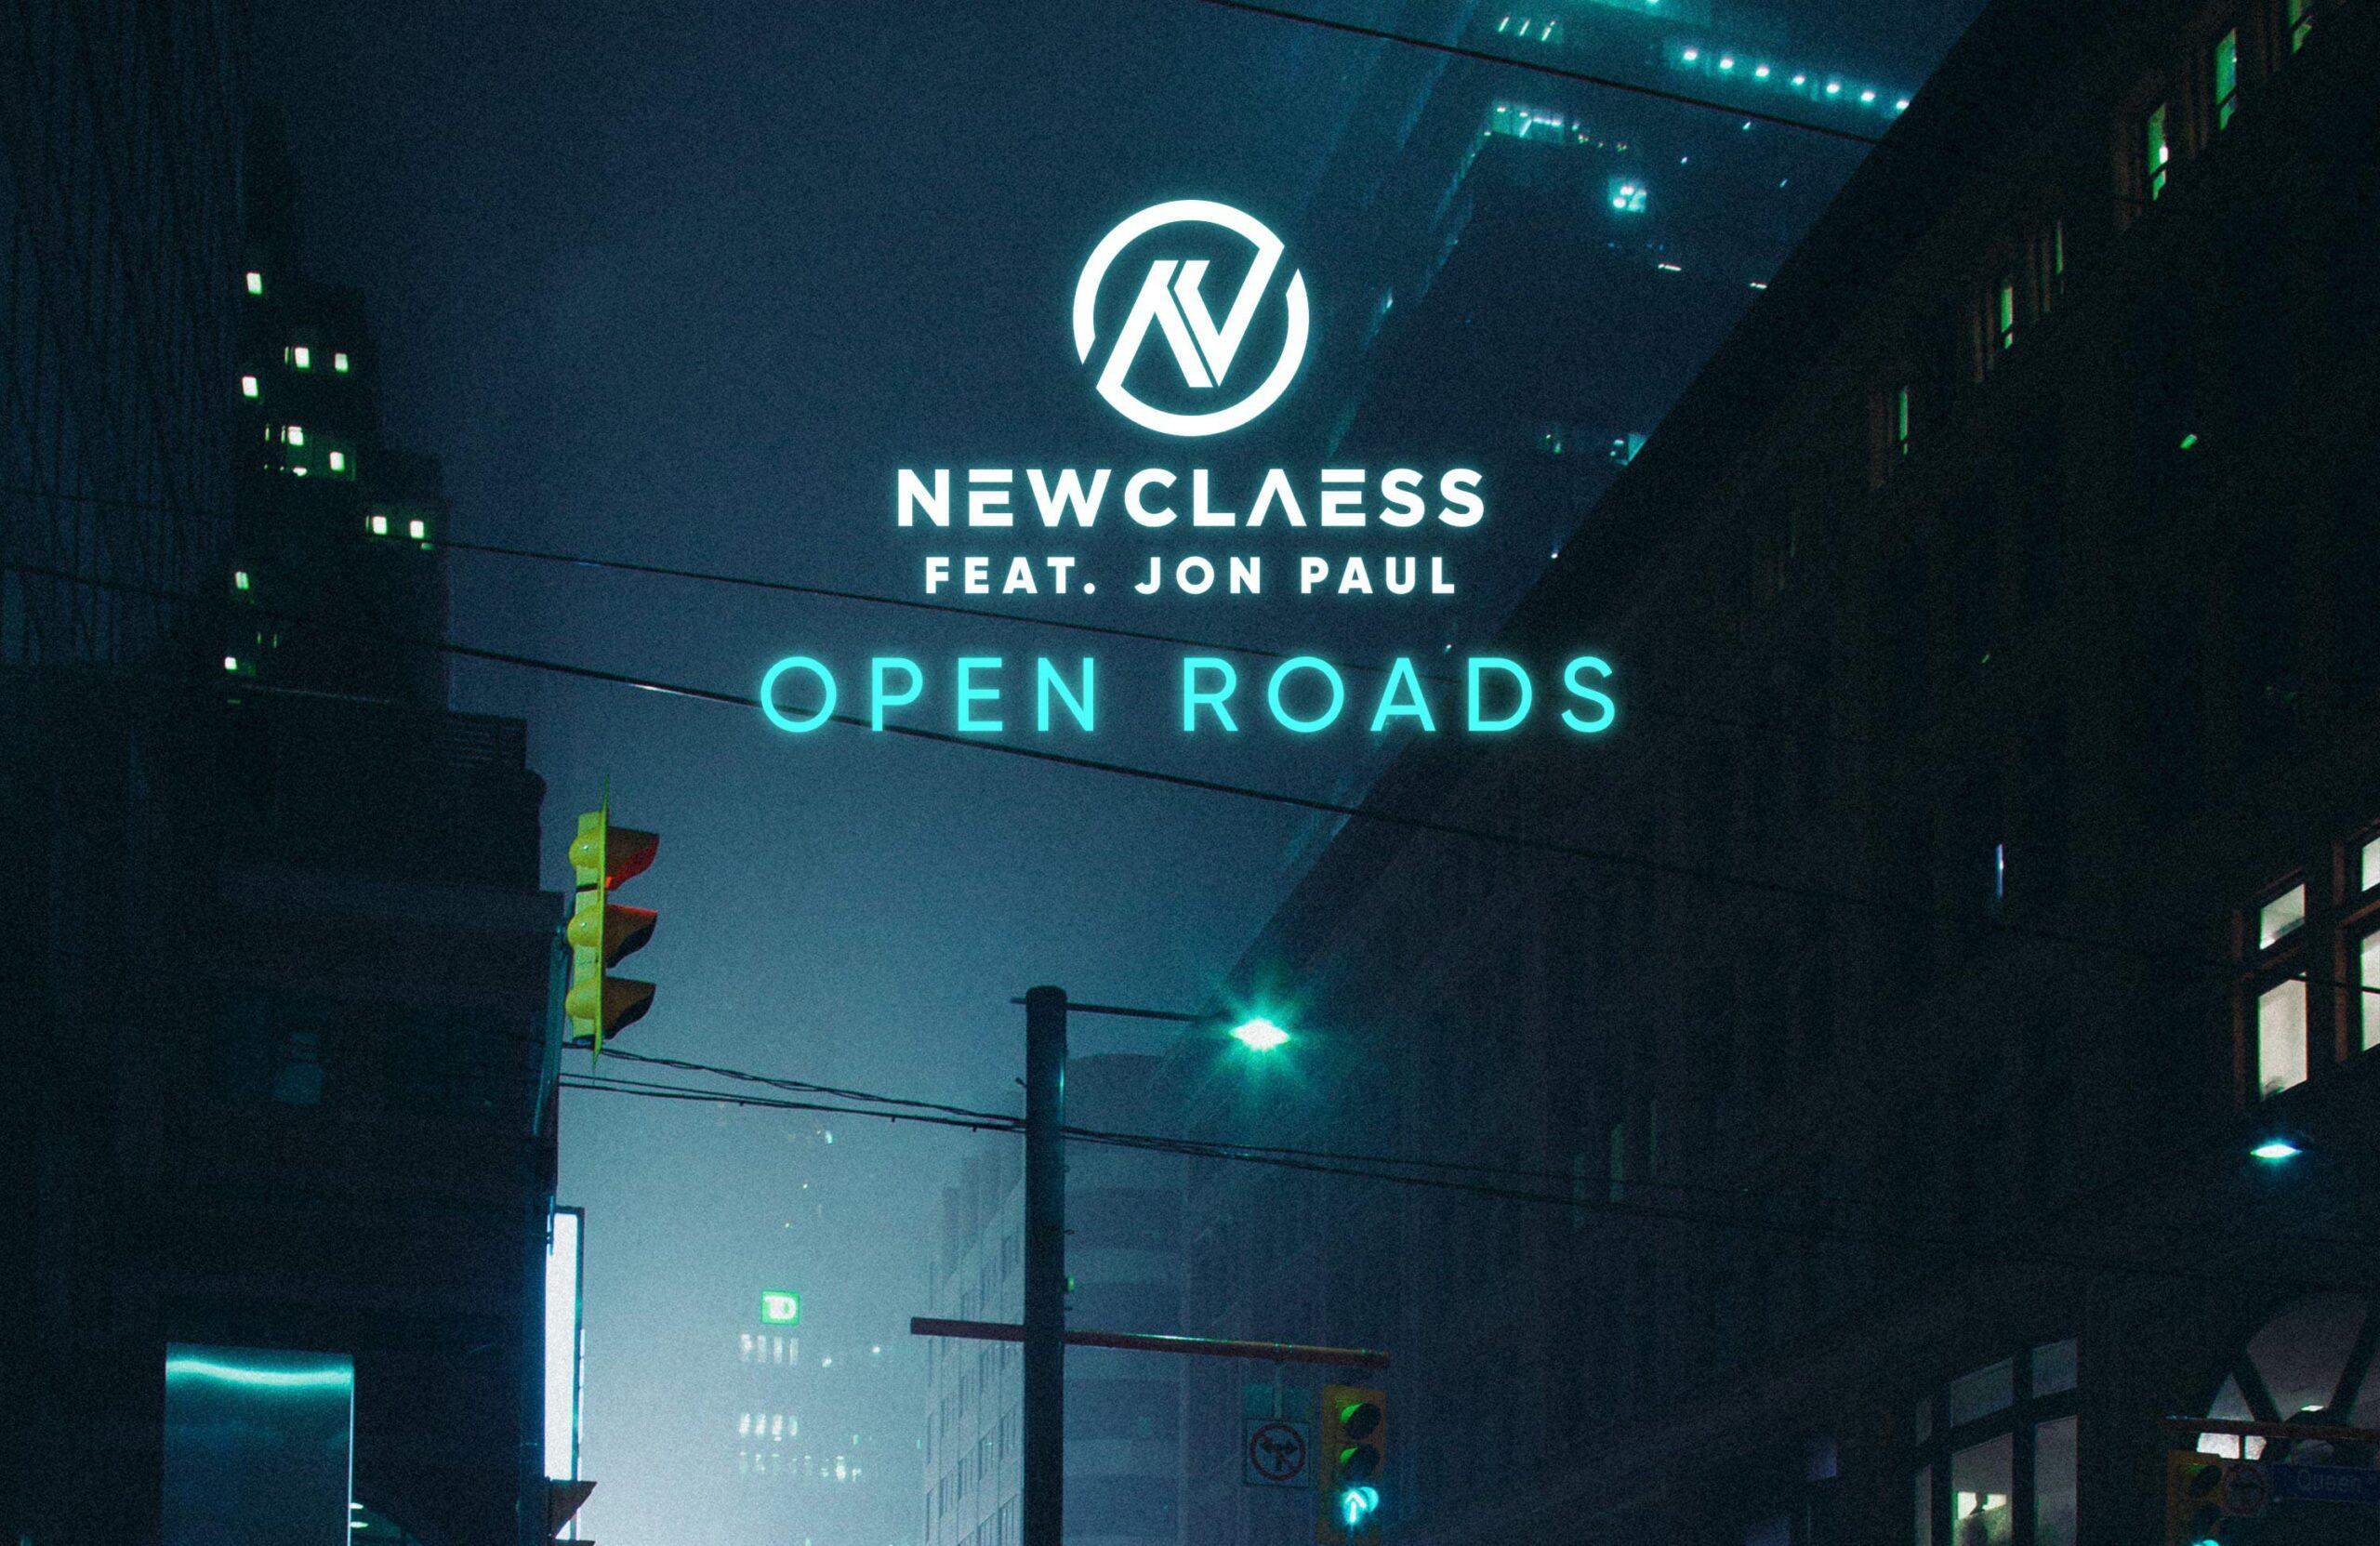 Cover_Newclaess feat. Jon Paul - Open Roads-min thumb